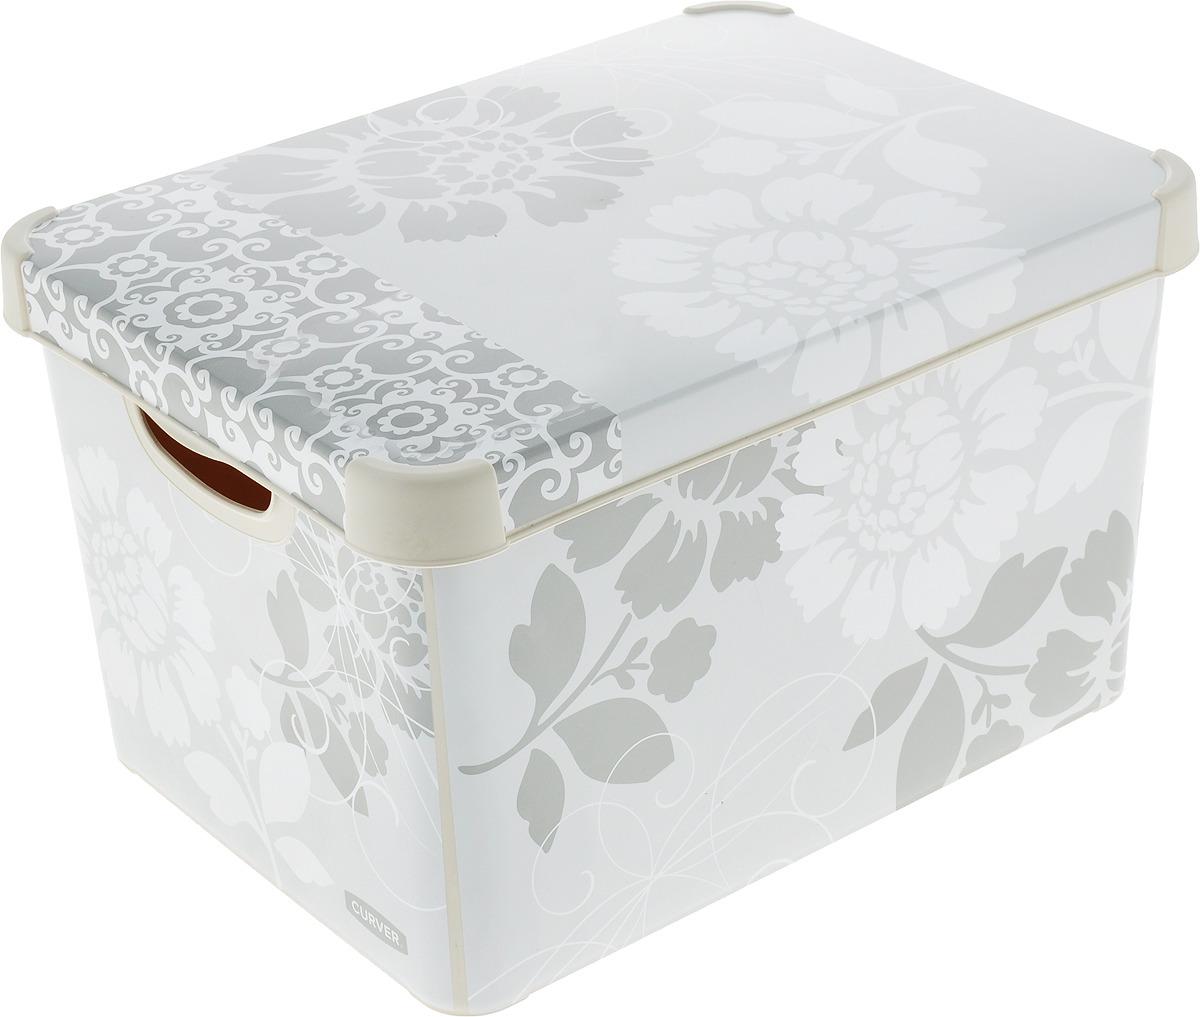 Коробка для хранения Curver Stockholm. Romance, 22 л цена